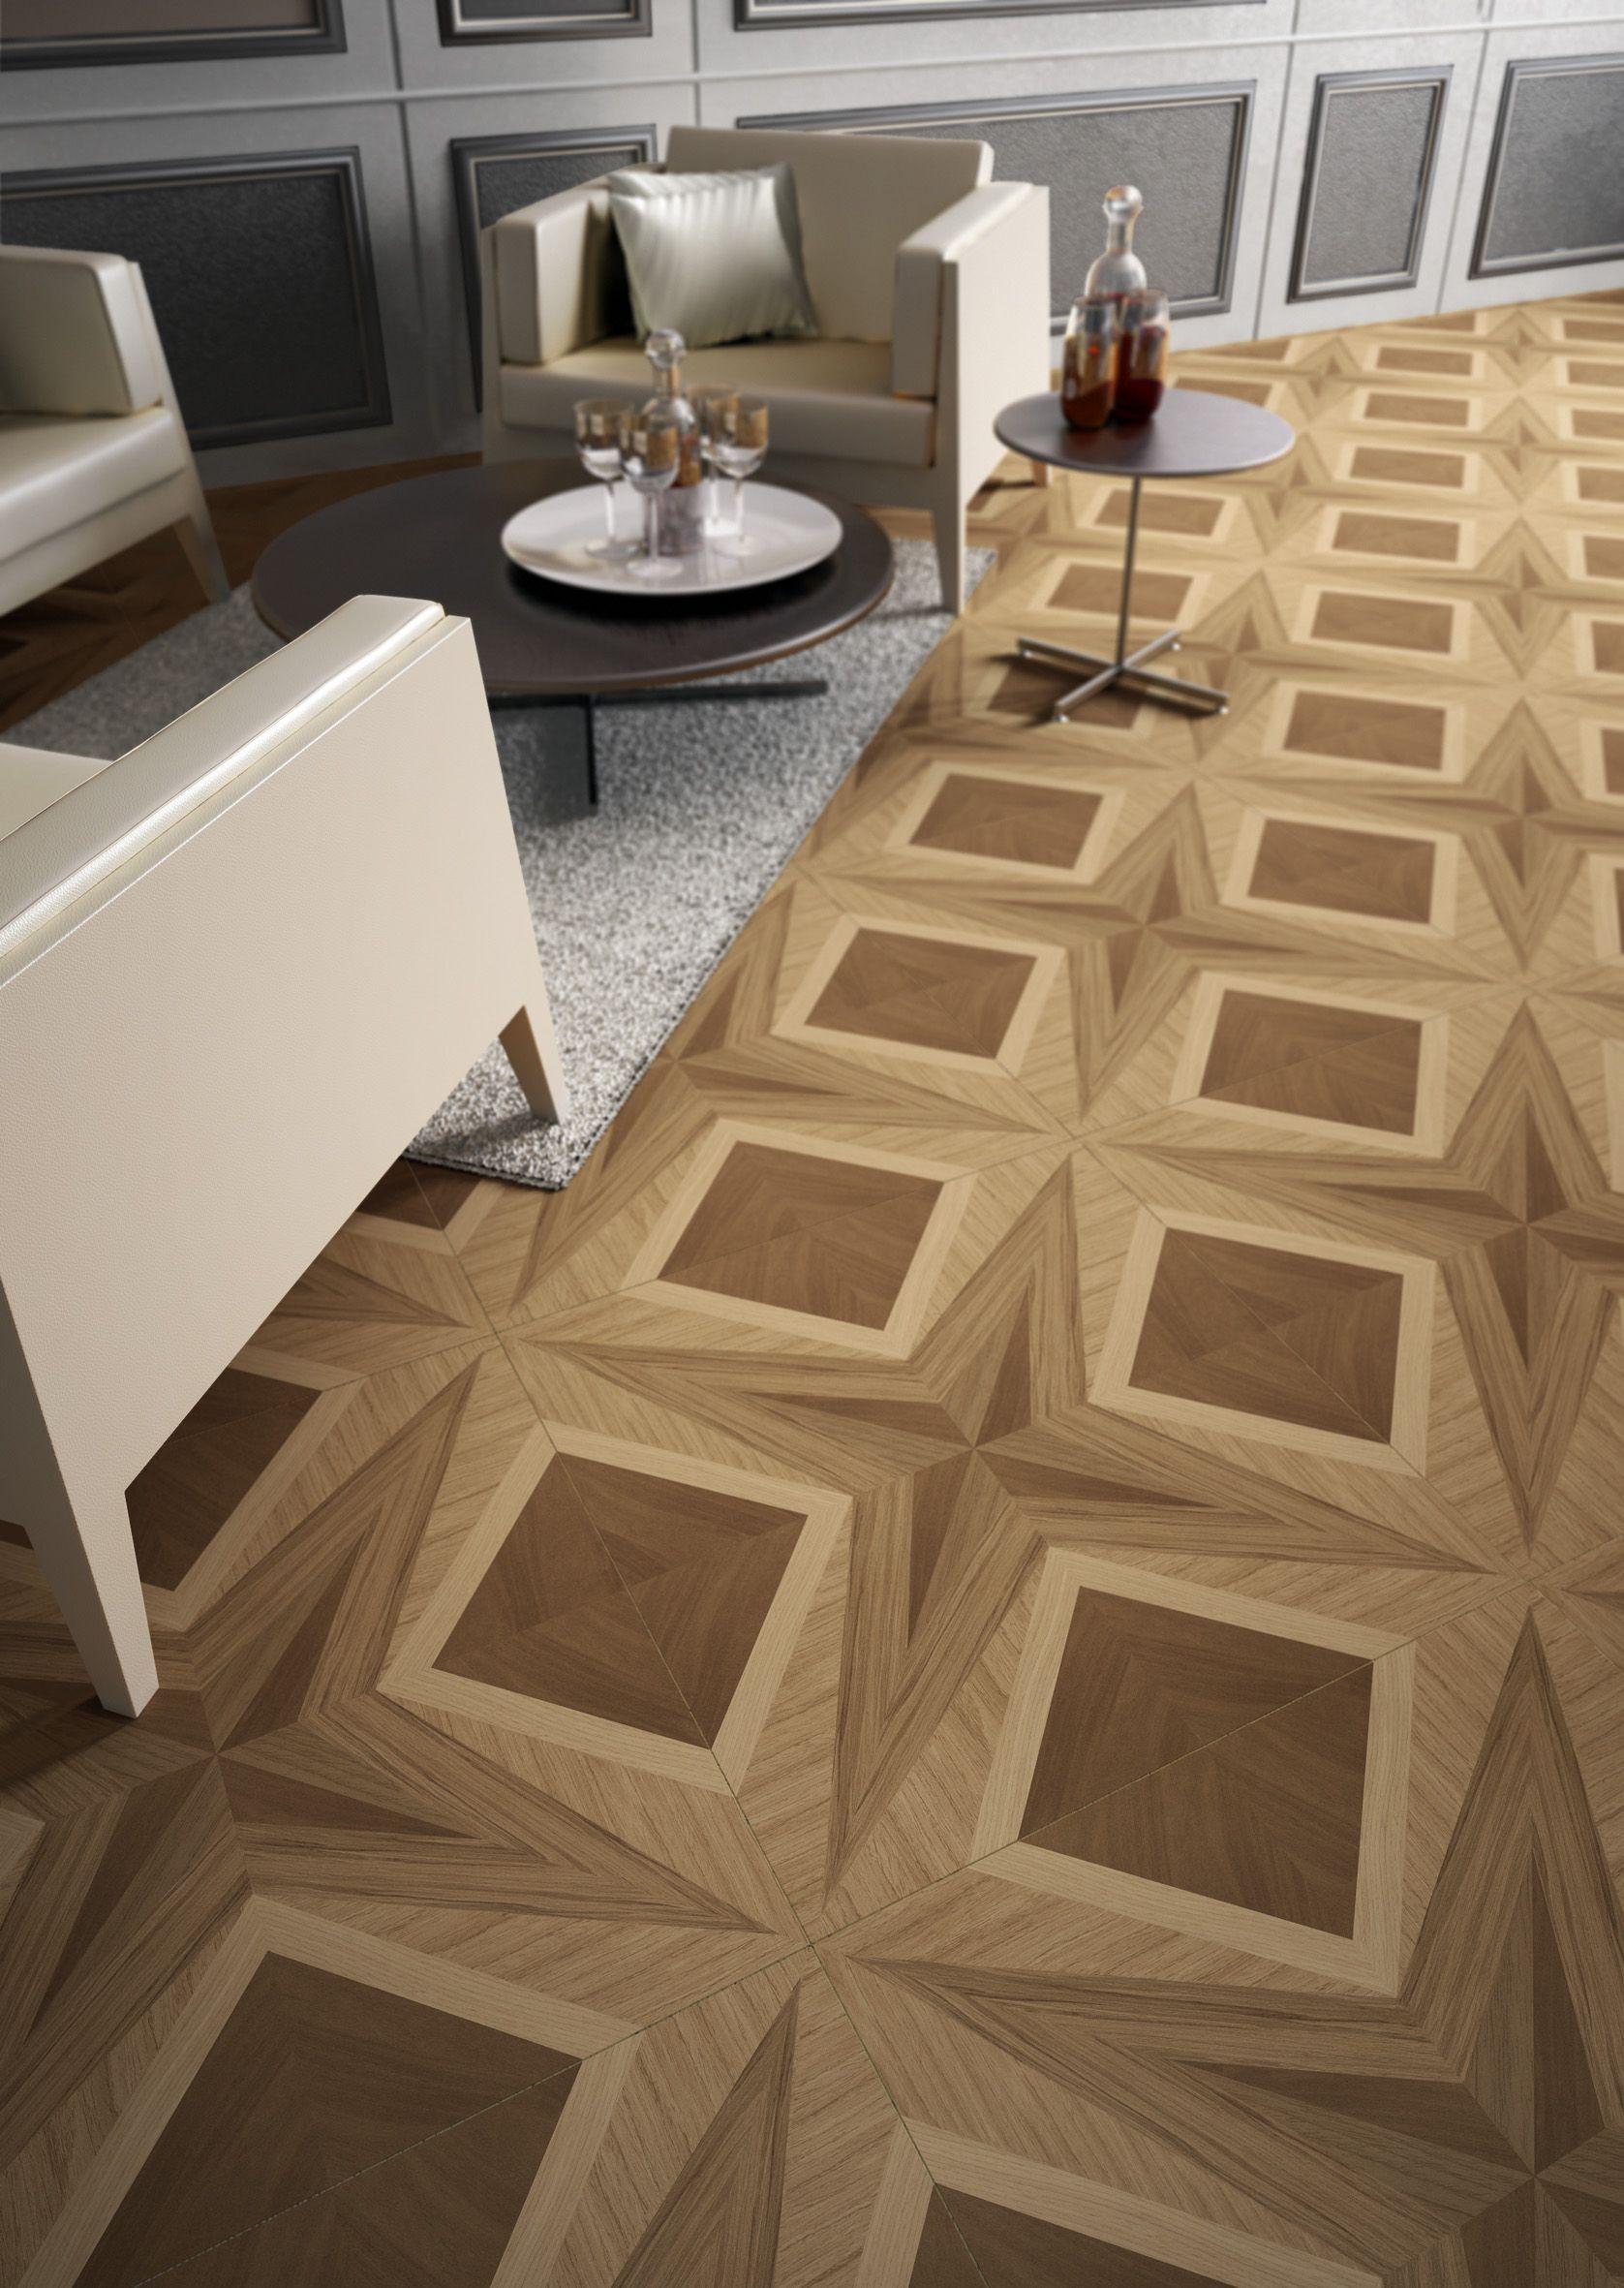 Tile Space View A Product Wooden Floor Tiles Wood Floor Design Floor Design